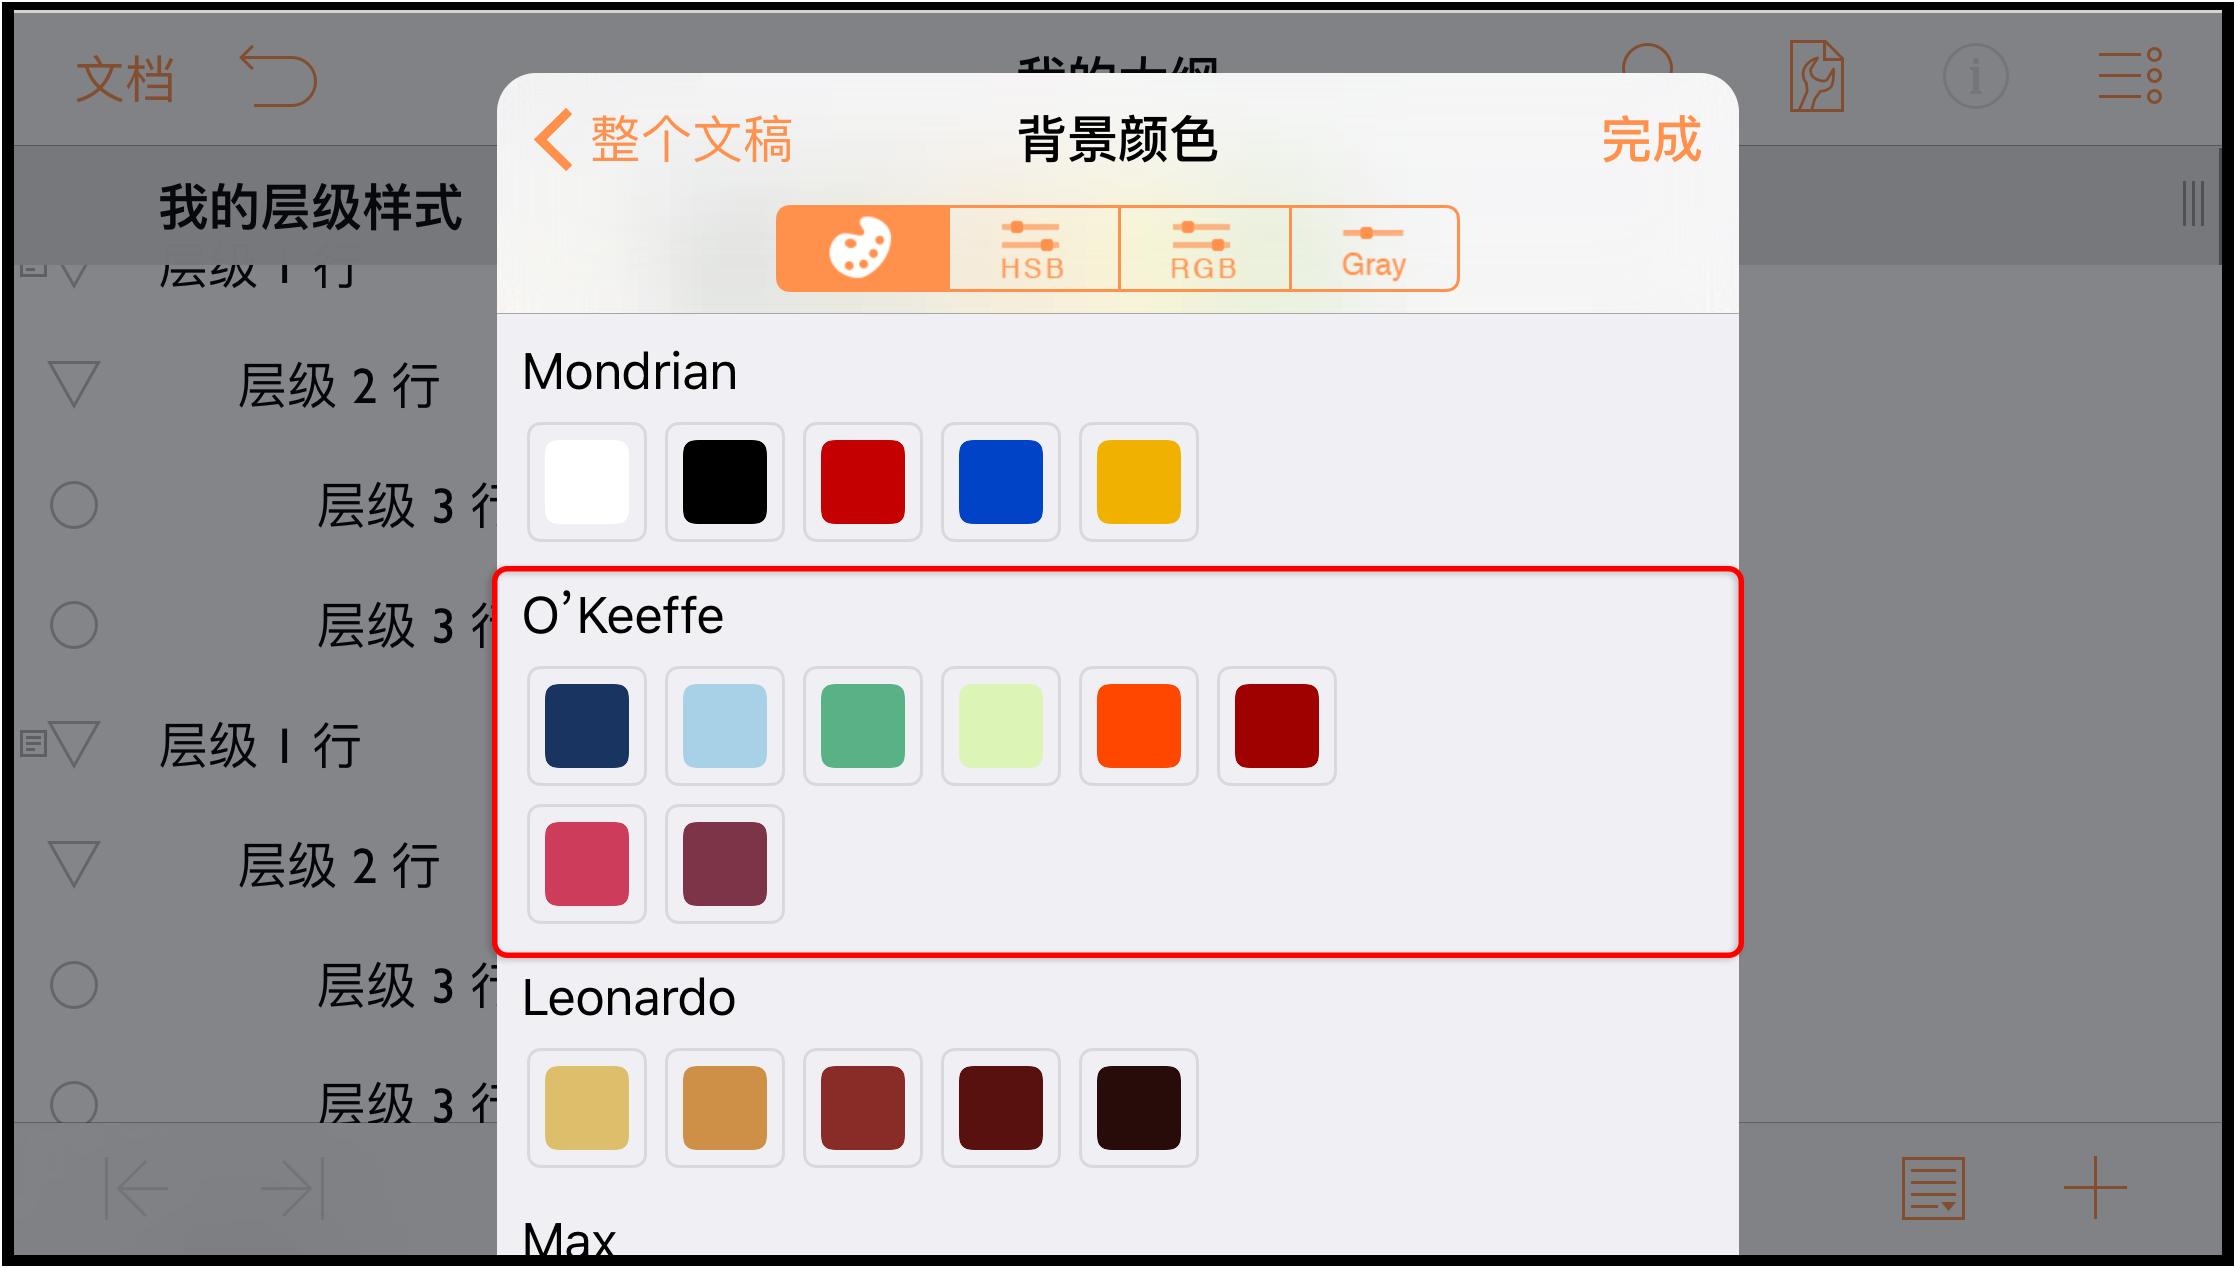 选择 O'Keeffe 调色板